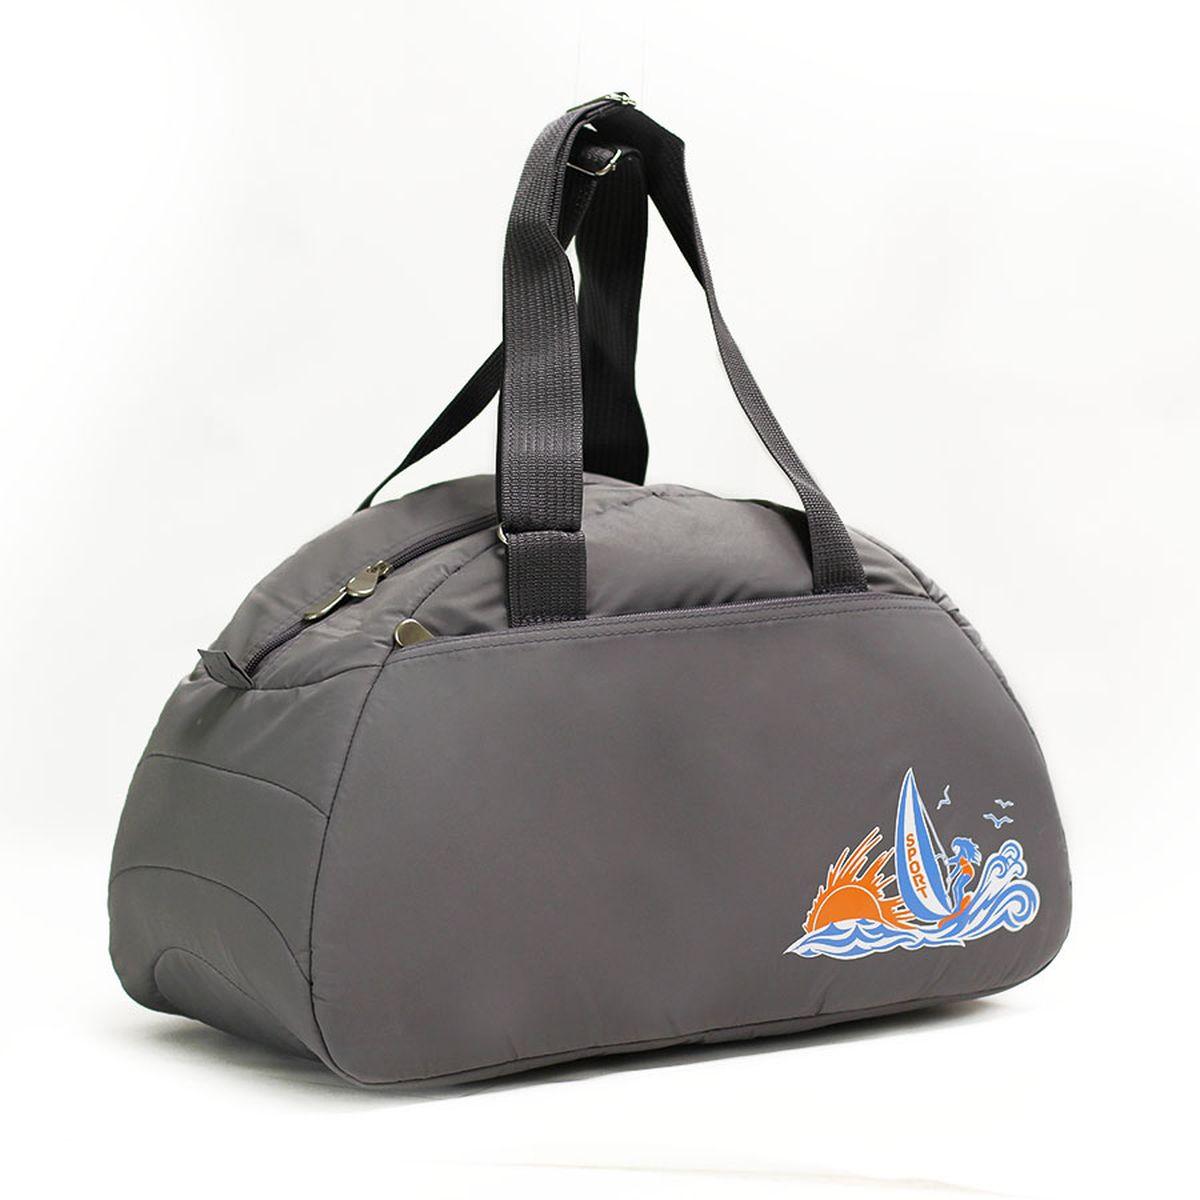 Сумка спортивная Polar, цвет: серый, 28 л. 60206020_серыйСпортивная сумка Polar выполнена из полиэстера. Сумка имеет одно большое отделение, внутри которого расположен один карман на молнии. Снаружи один большой карман на молнии. Длина ручек регулируется по необходимой длине, что позволяет носить сумку как в руках, так и на плече. Максимальная высота ручек - 35 см. Съемного плечевого ремня нет.